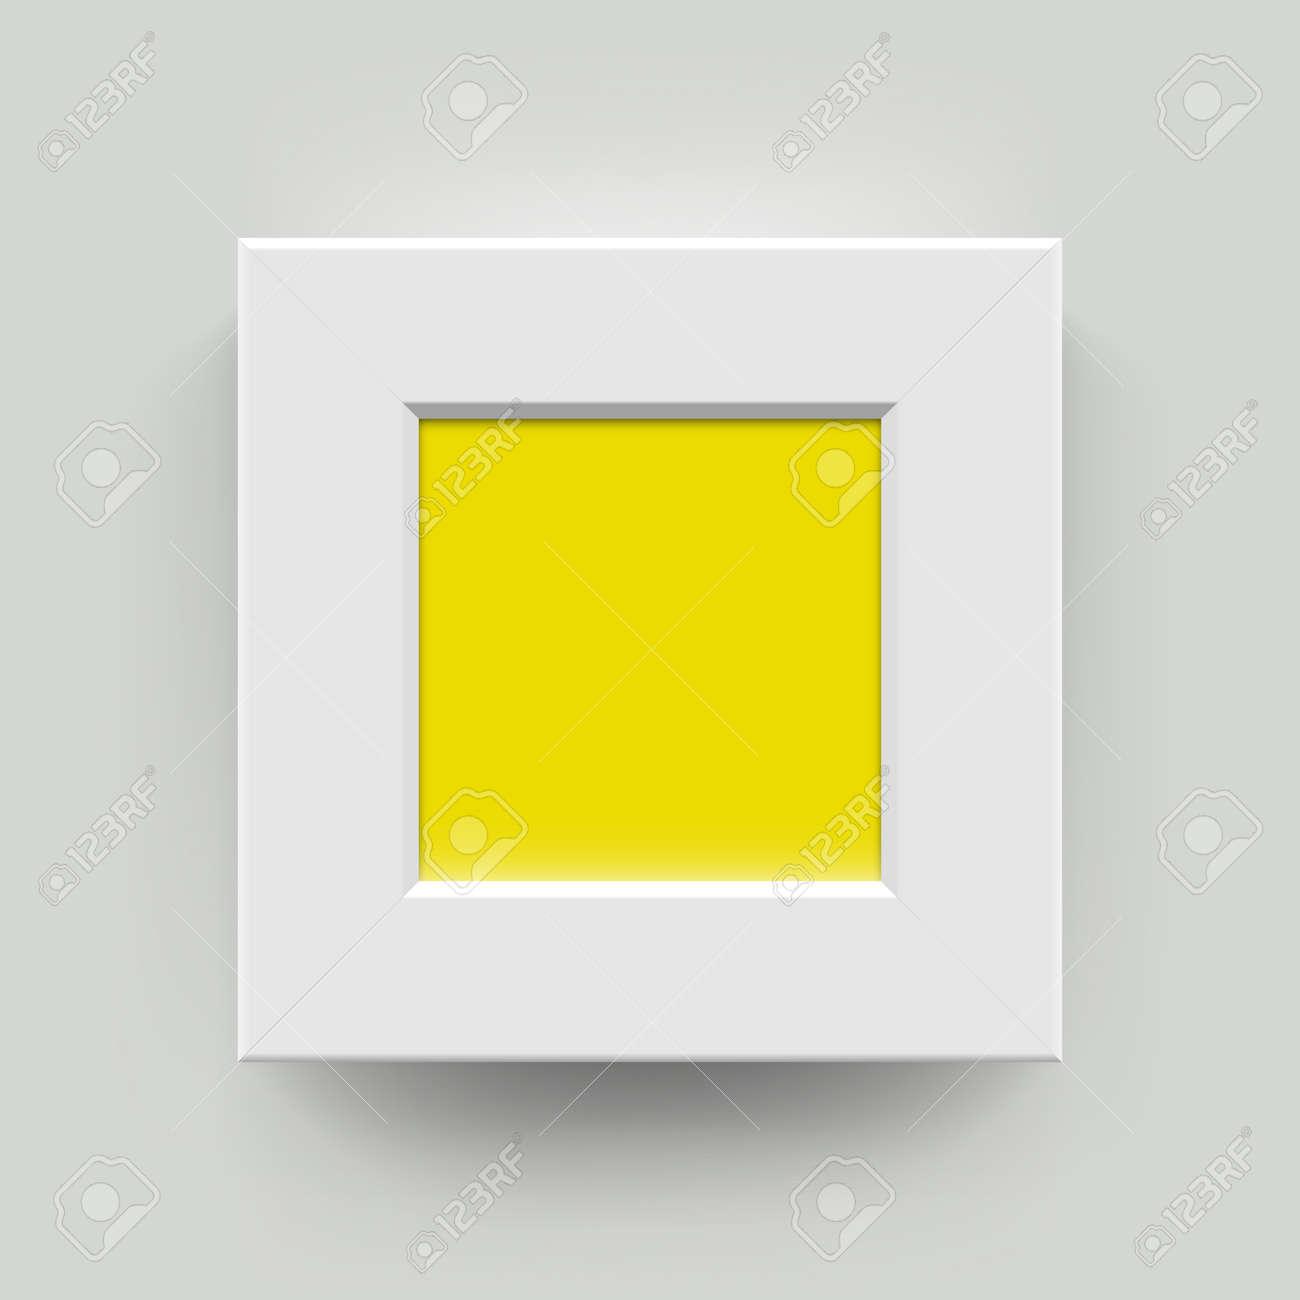 Marco Cuadrado De Imagen En Blanco Para Las Fotografías. Papel ...